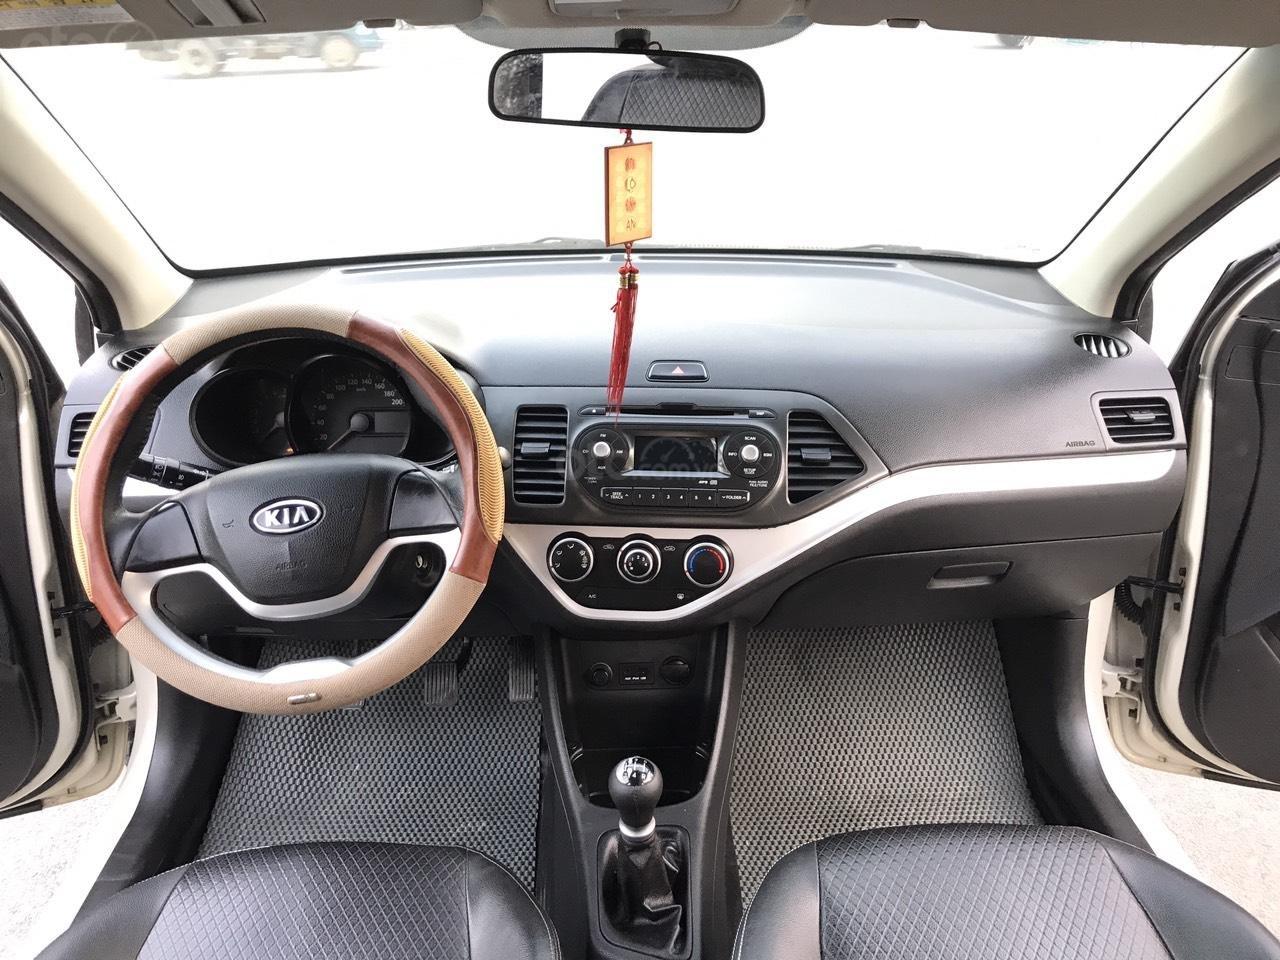 Cần bán xe Kia Morning 1.0MT Sport đời 2011, màu kem (be), nhập khẩu, xe cực tuyển (5)